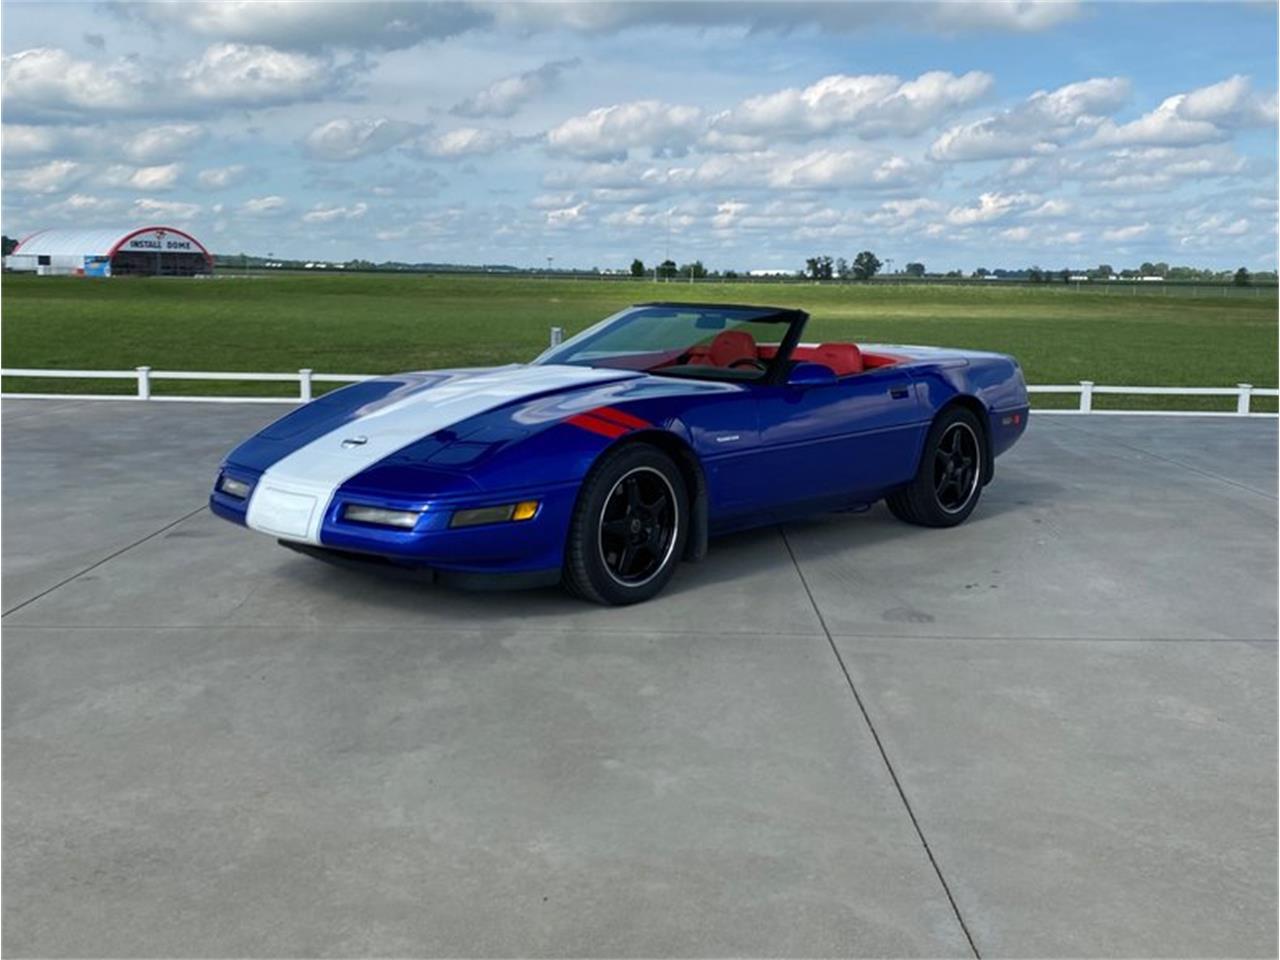 1996 Chevrolet Corvette (CC-1380584) for sale in Wallingford, Connecticut